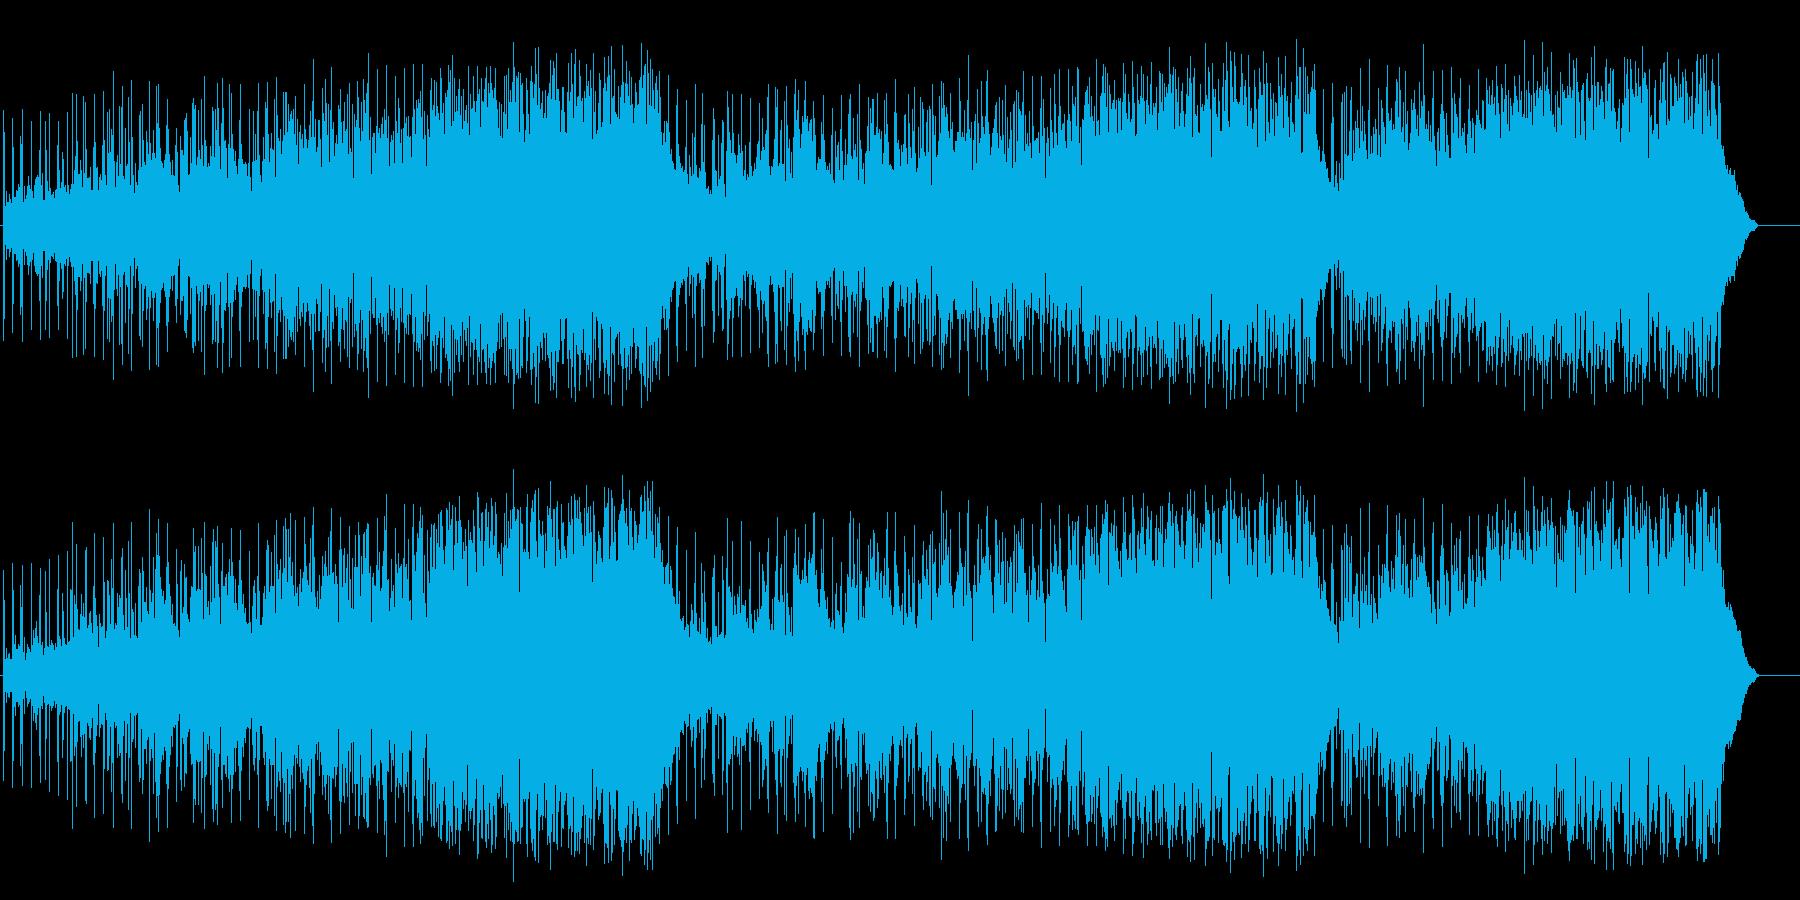 恋人達のアダルトなフュージョンの再生済みの波形